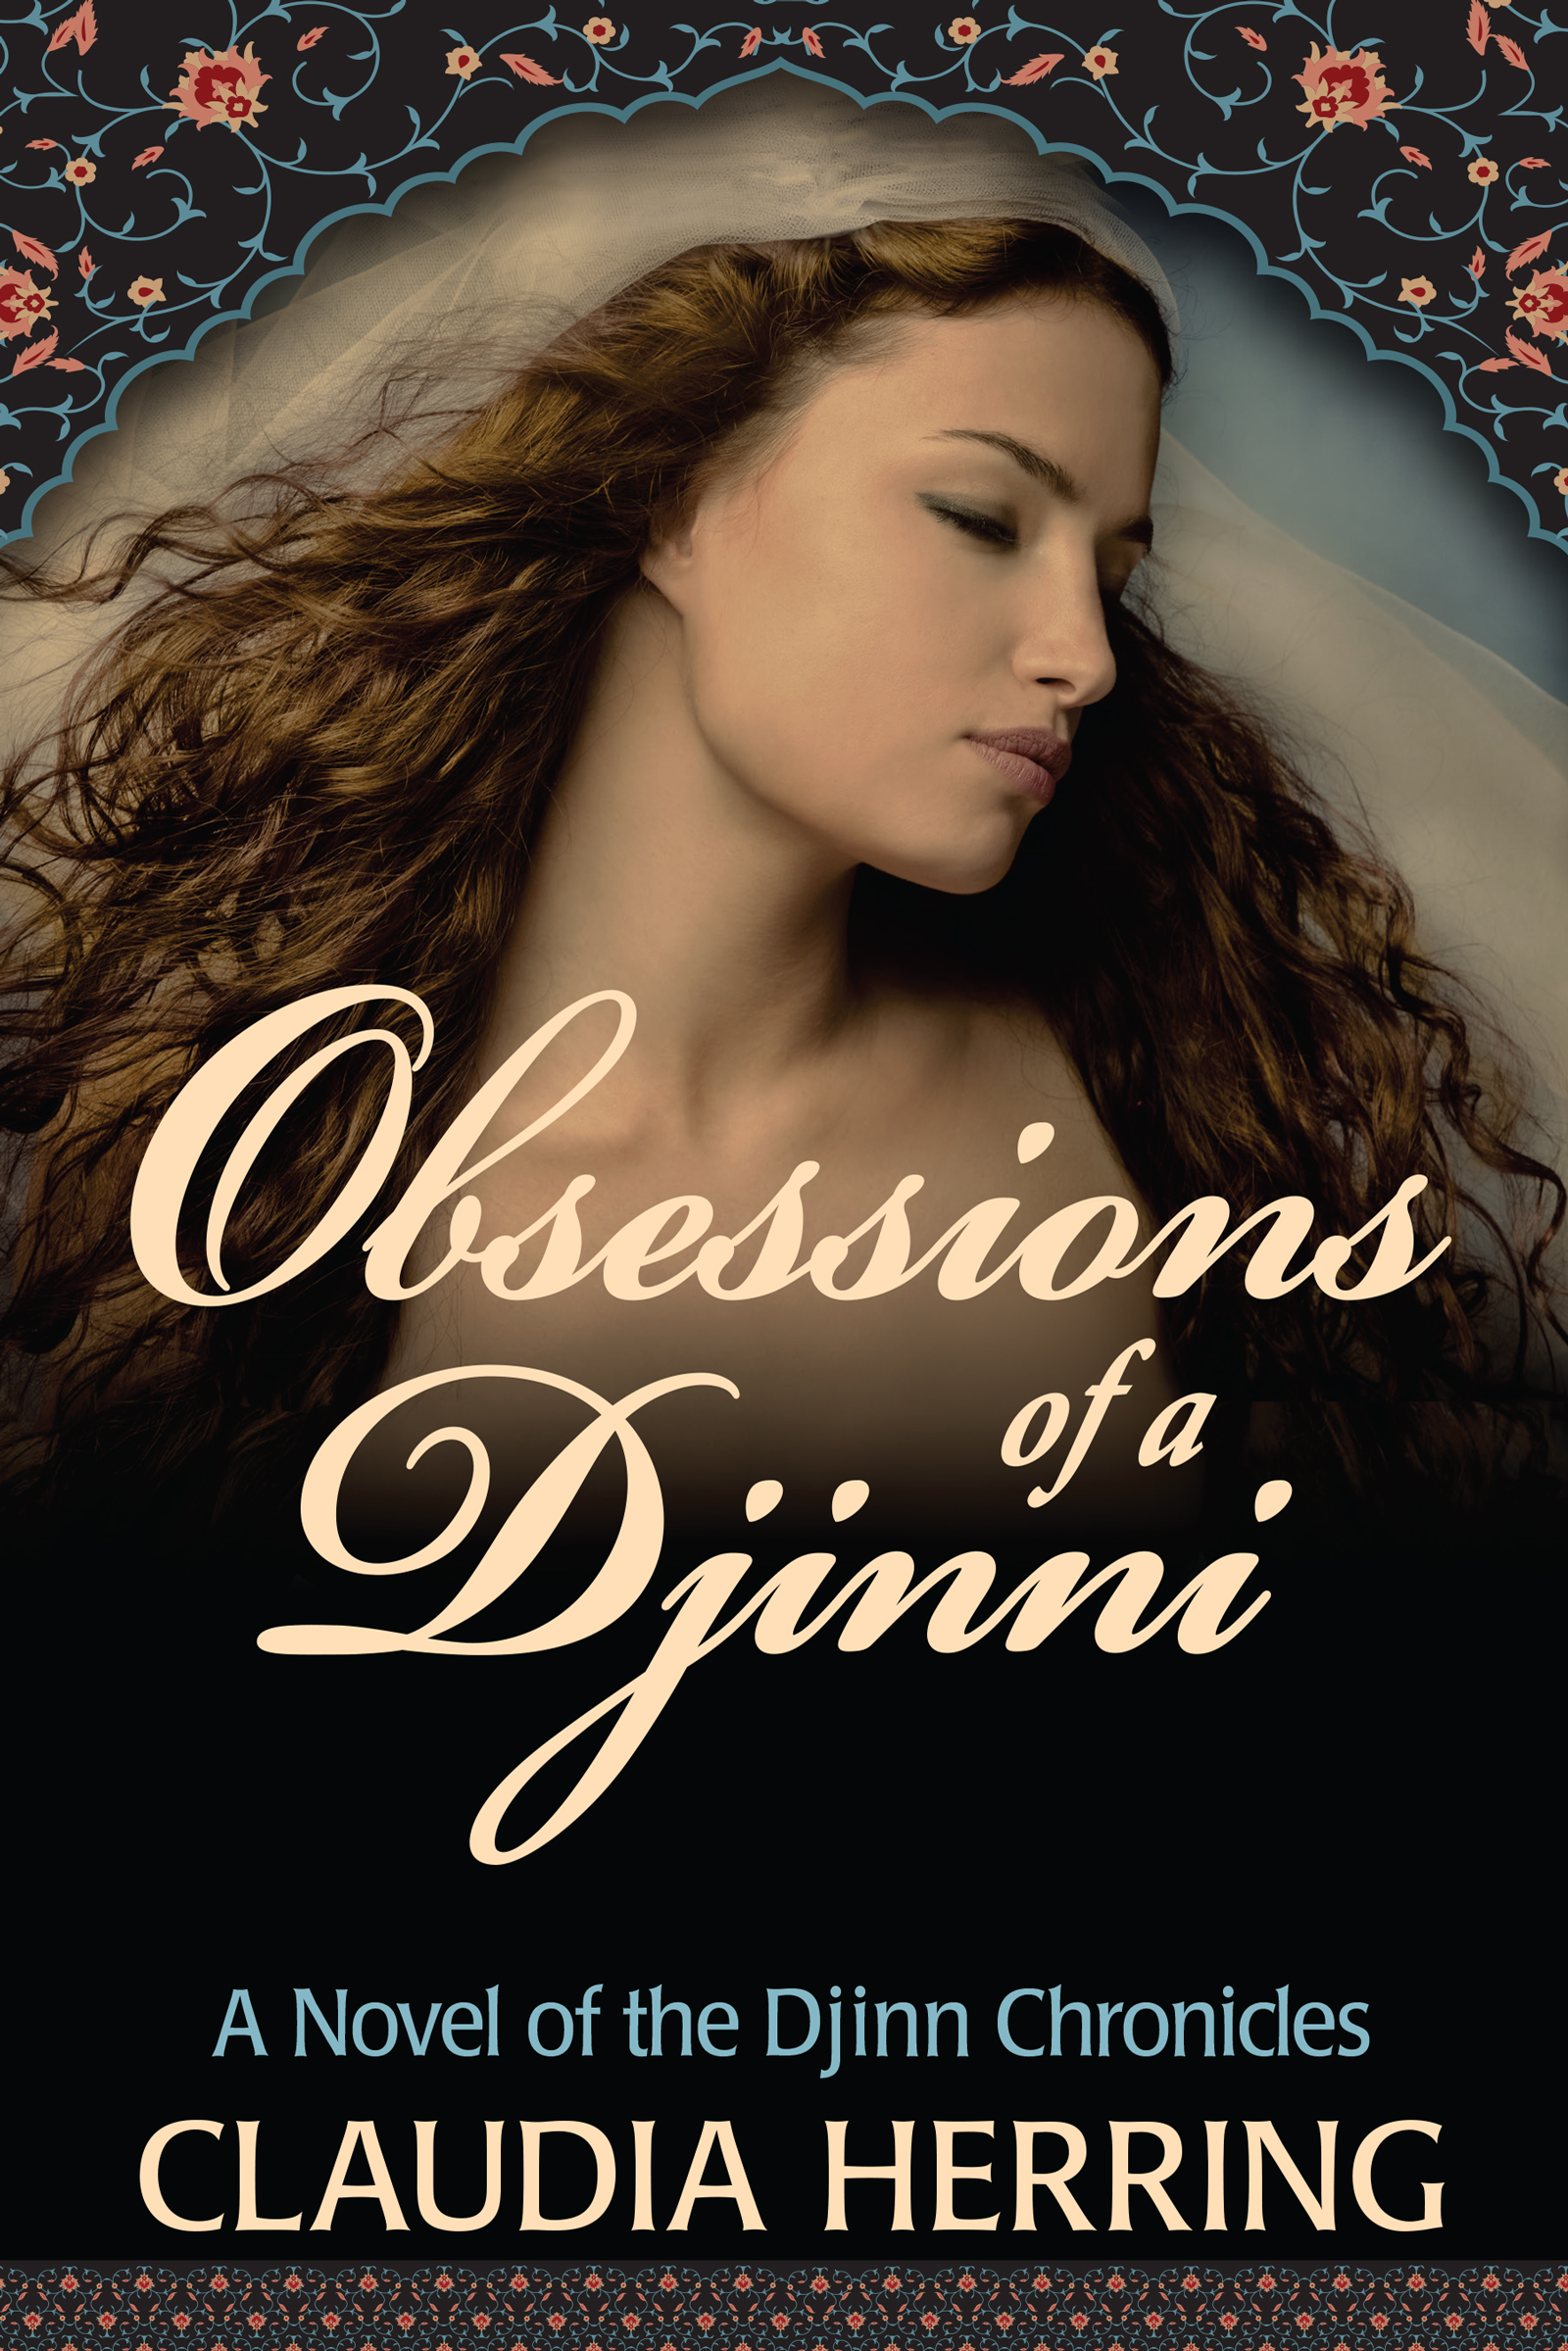 Obsessions of a Djinni